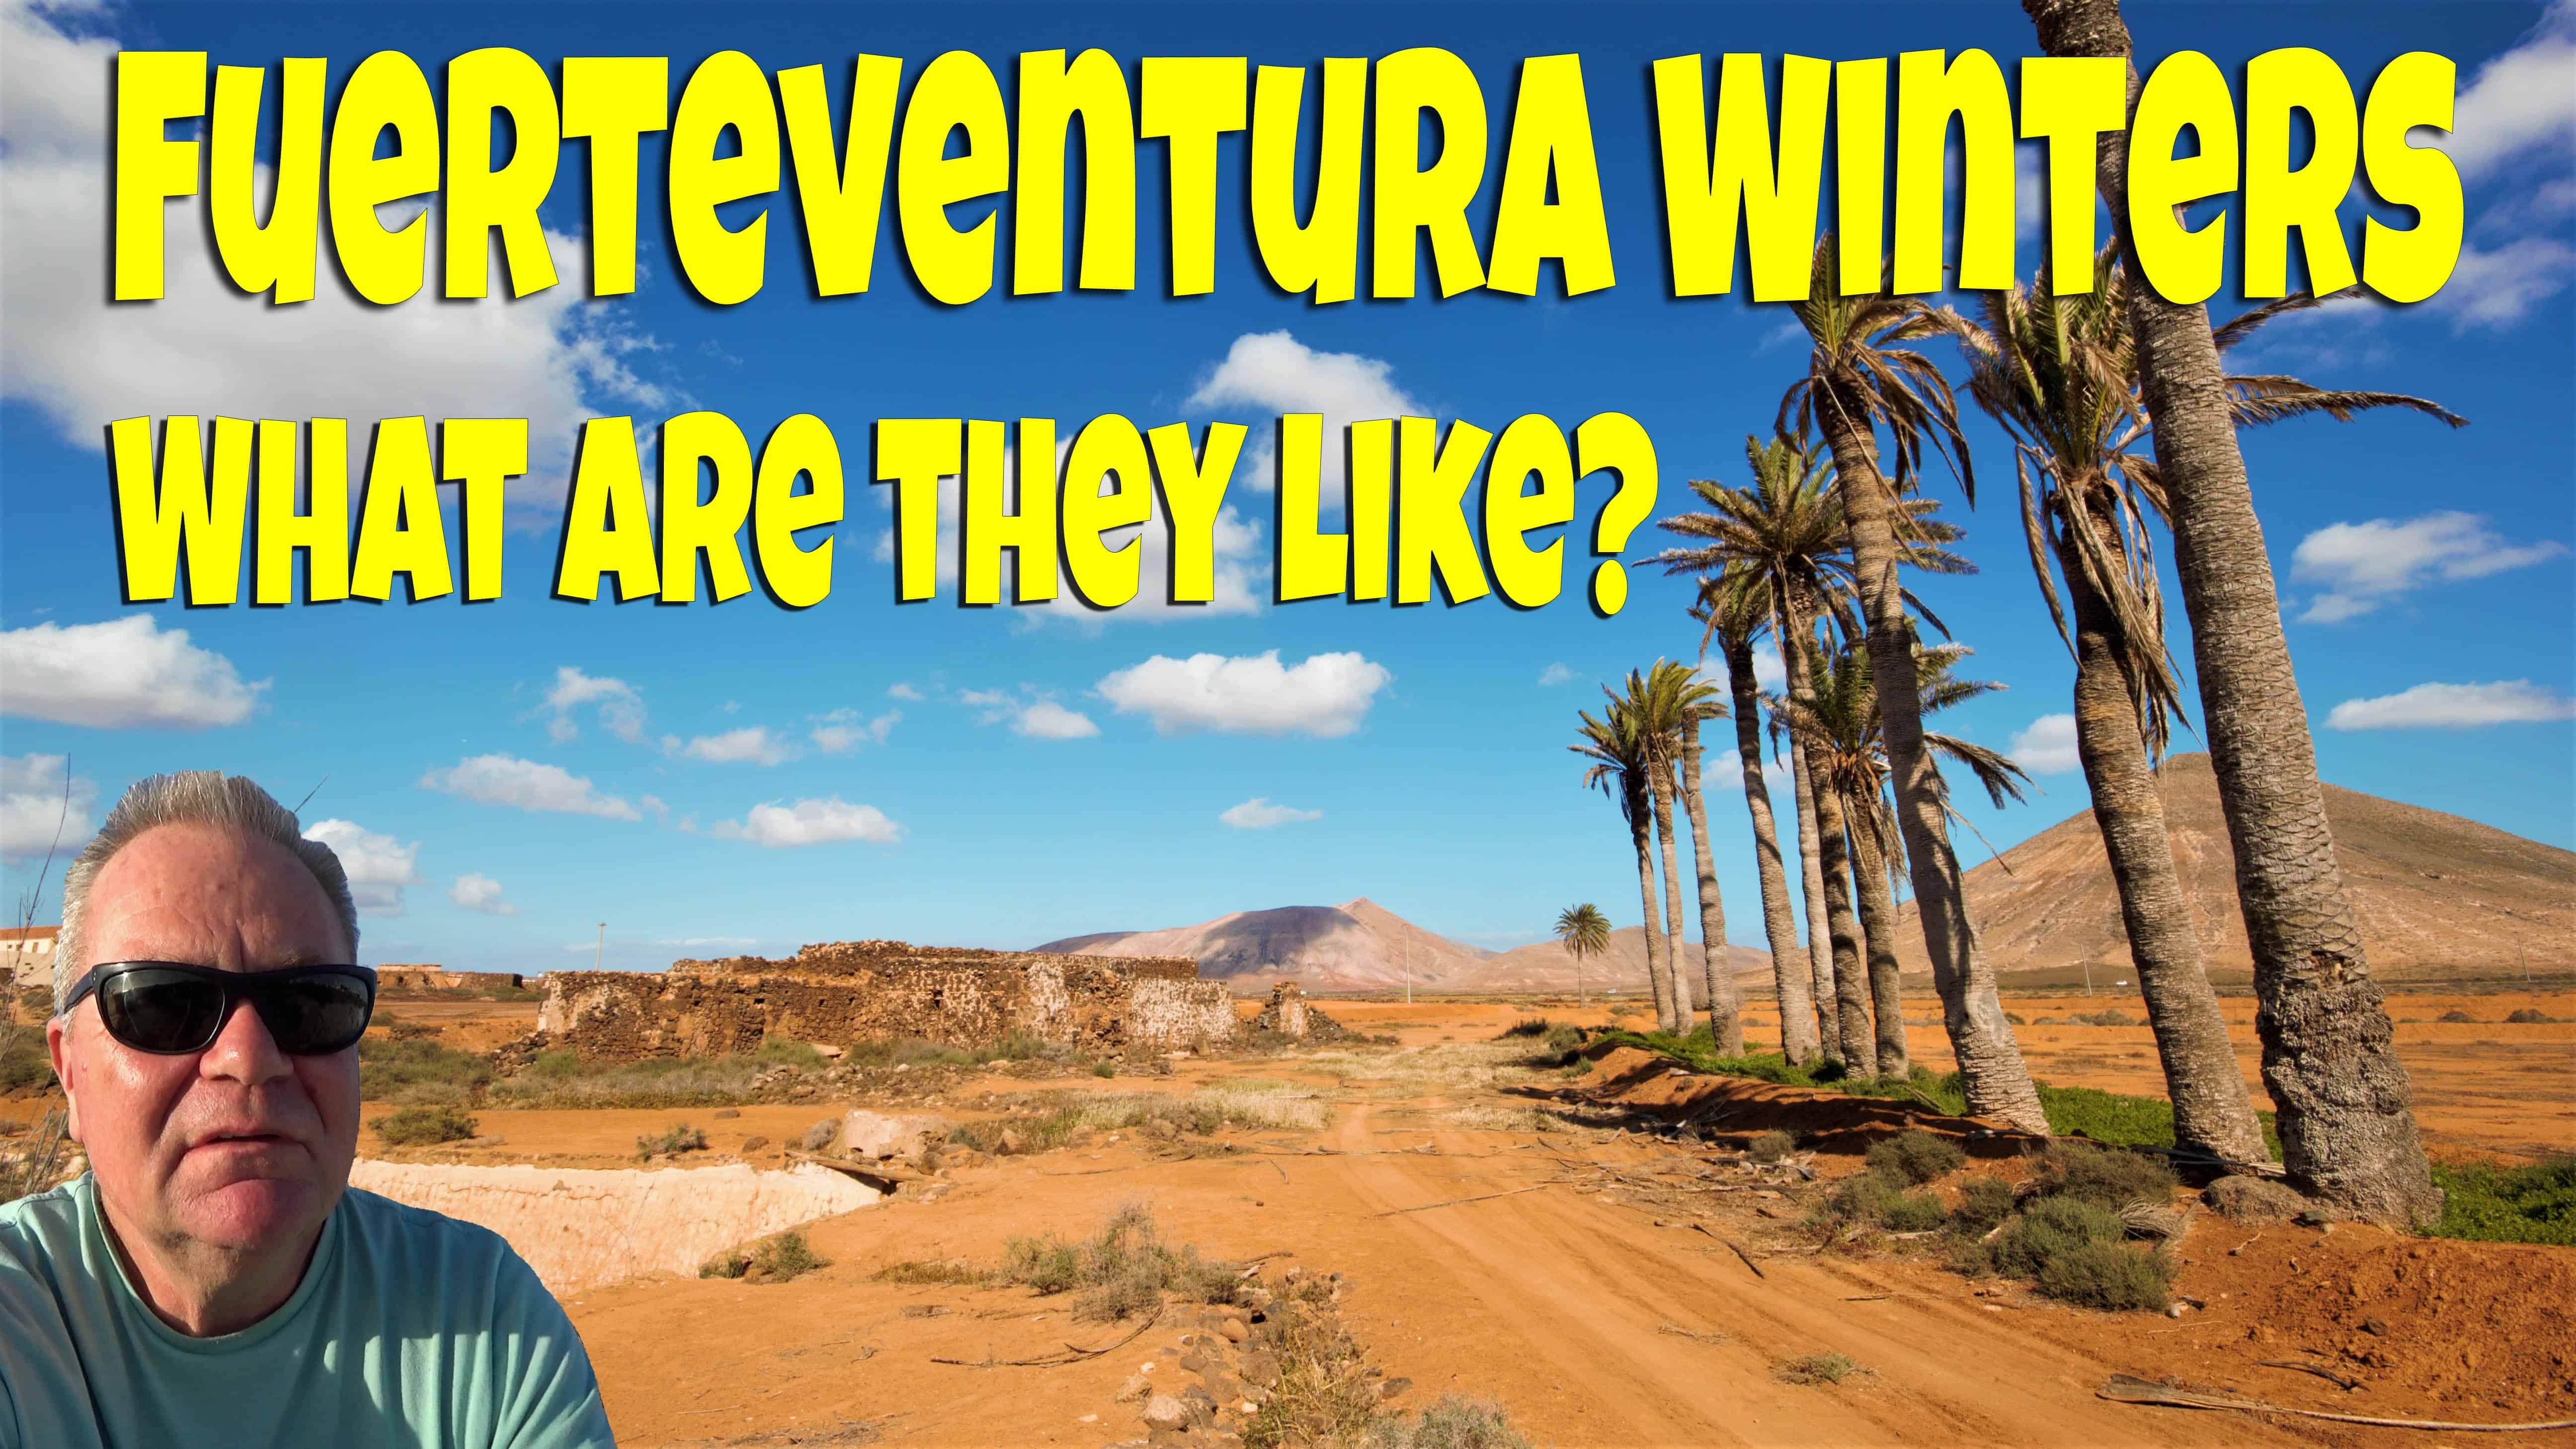 Fuerteventura in winter